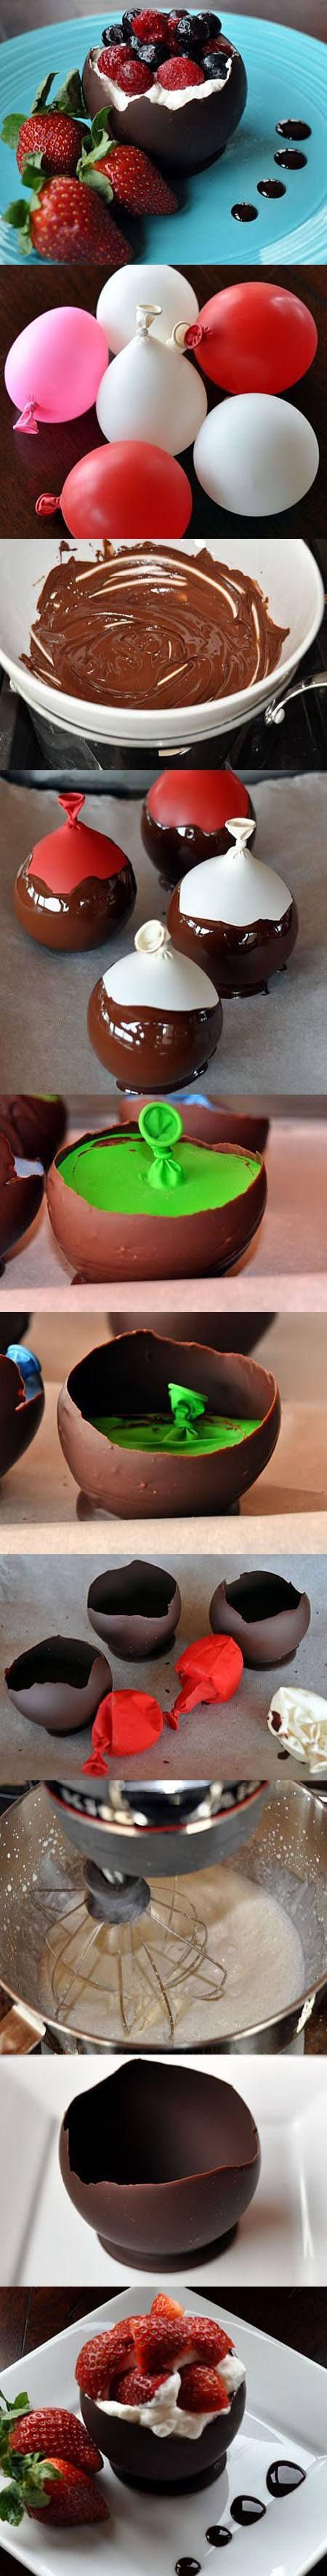 Receta con cuencos de chocolate - Muy Ingenioso